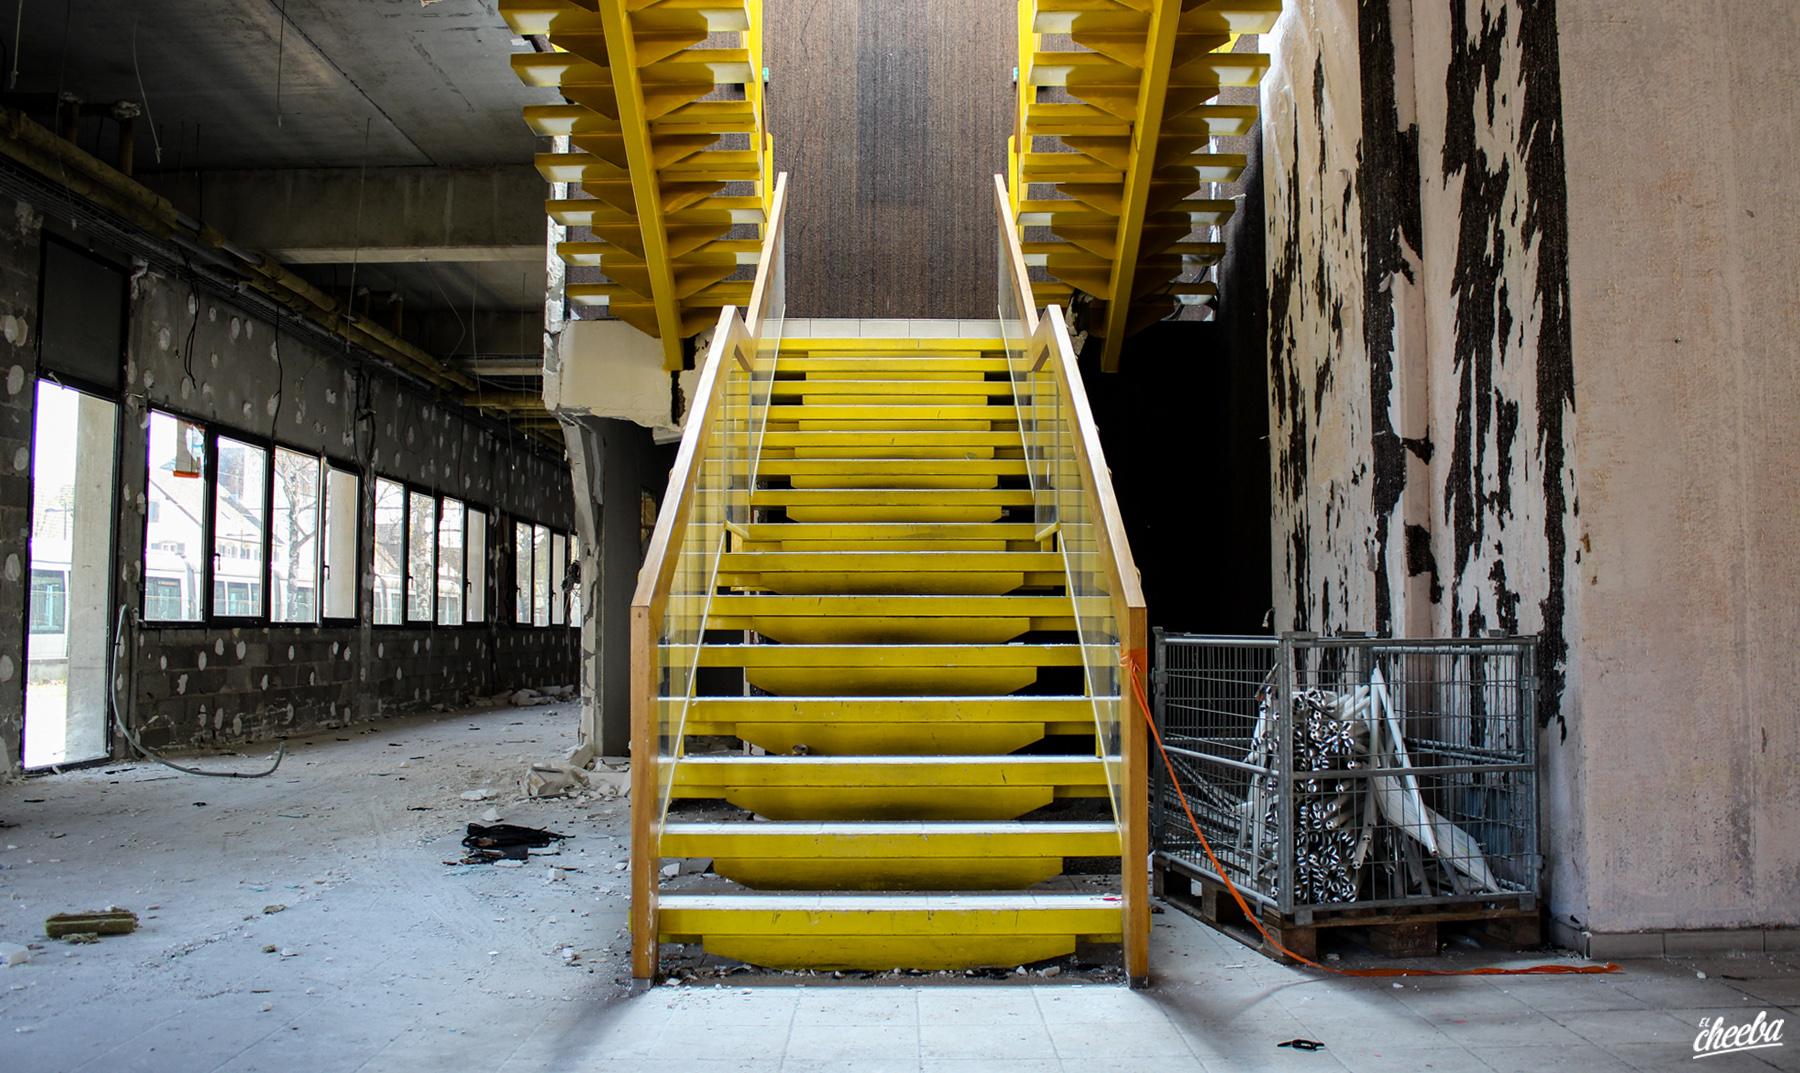 Urbex à l'usine Huron à Illkirch-Graffenstaden - Urbex Alsace by El Cheeba